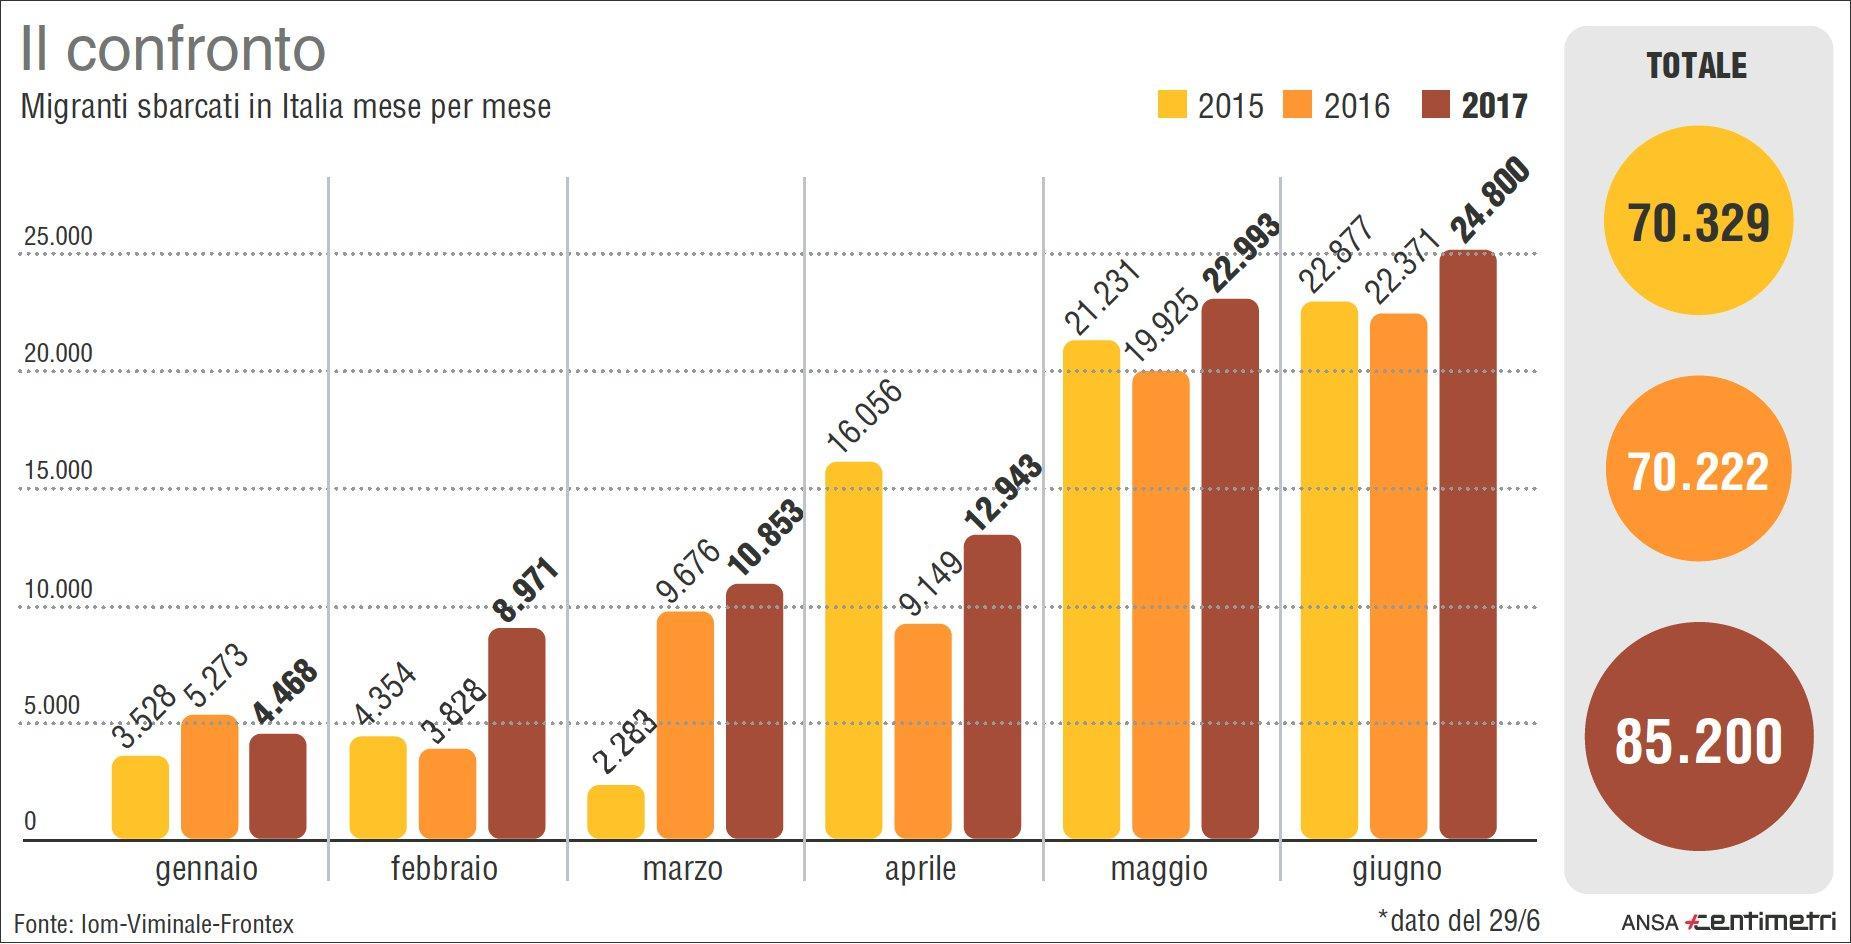 Migranti: il confronto degli sbarchi nei primi sei mesi dal 2015 al 2017